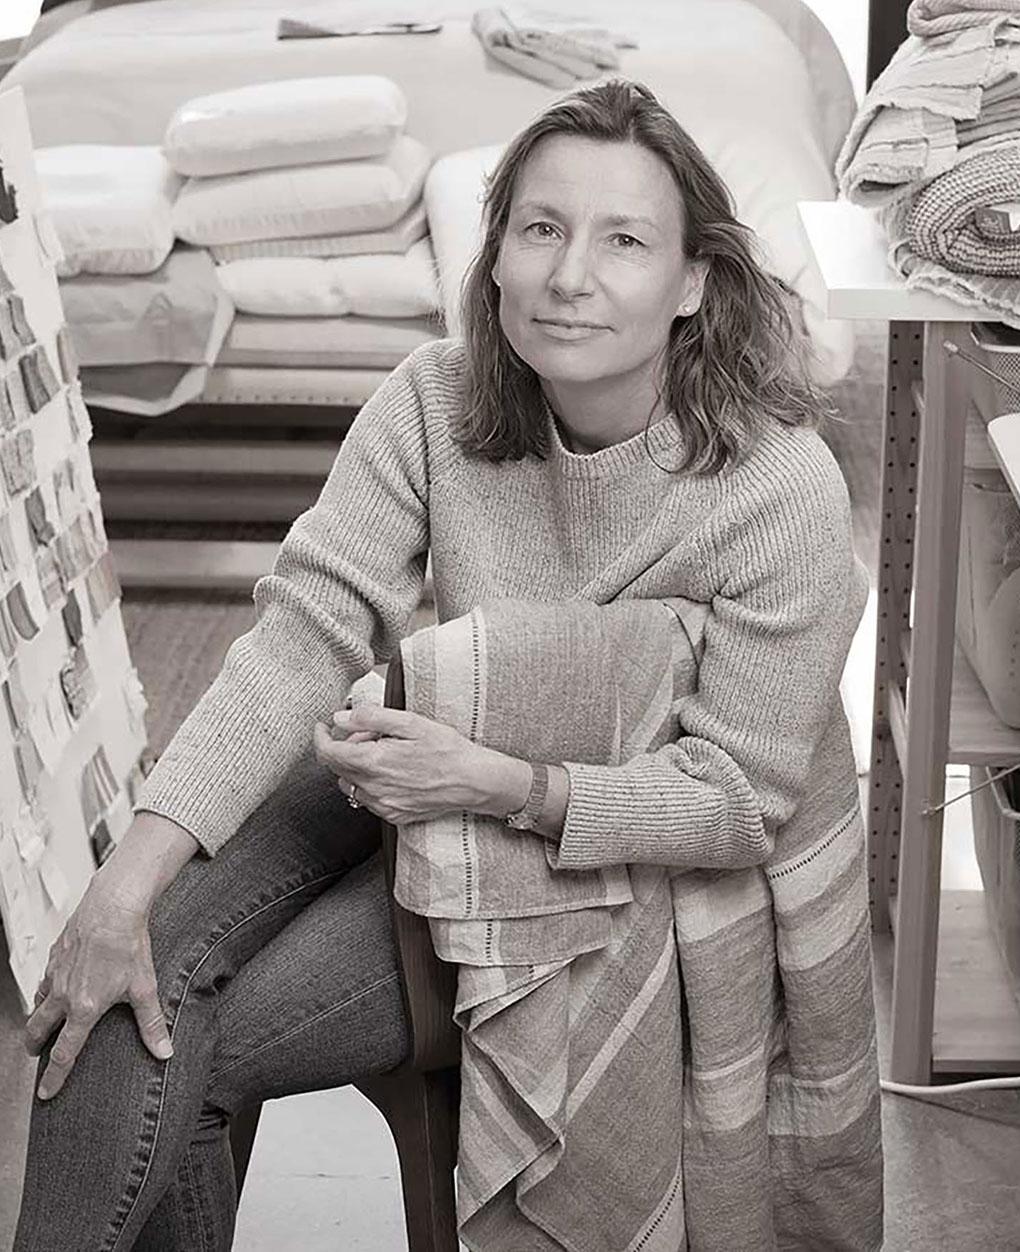 Coyuchi - Eileen Mockus